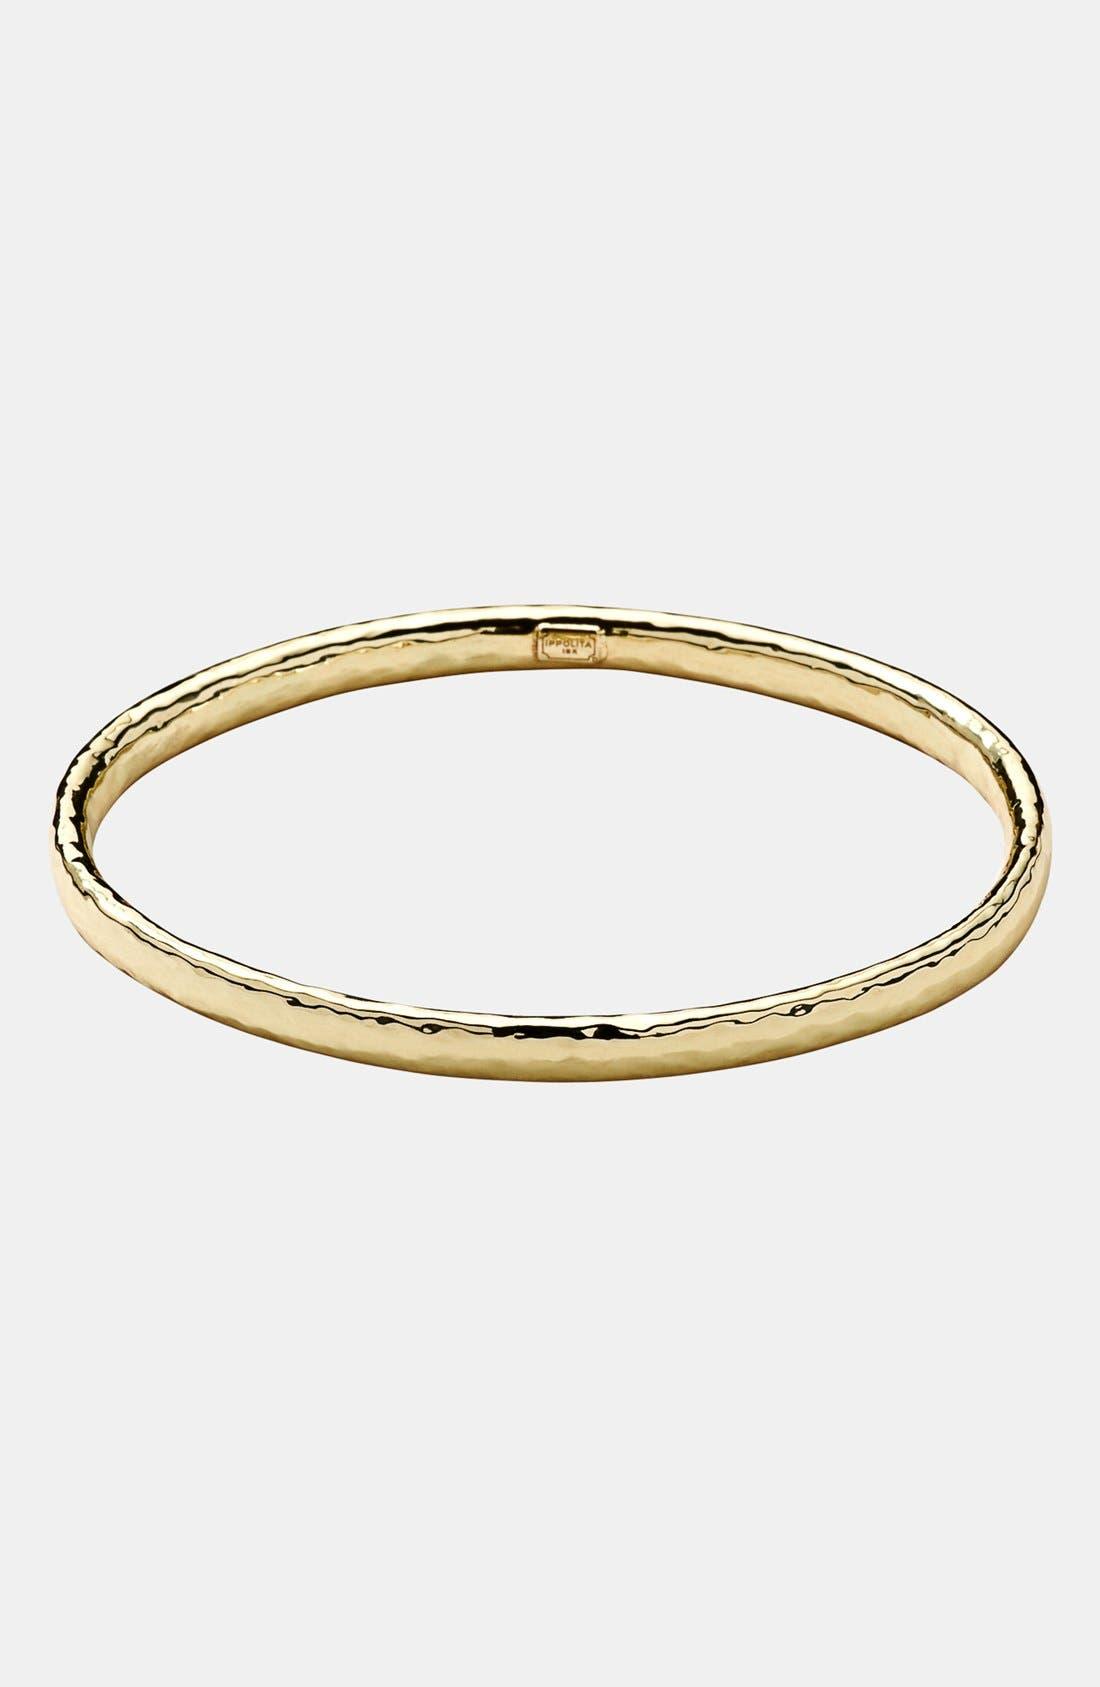 'Glamazon' 18k Gold Bangle,                         Main,                         color, YELLOW GOLD